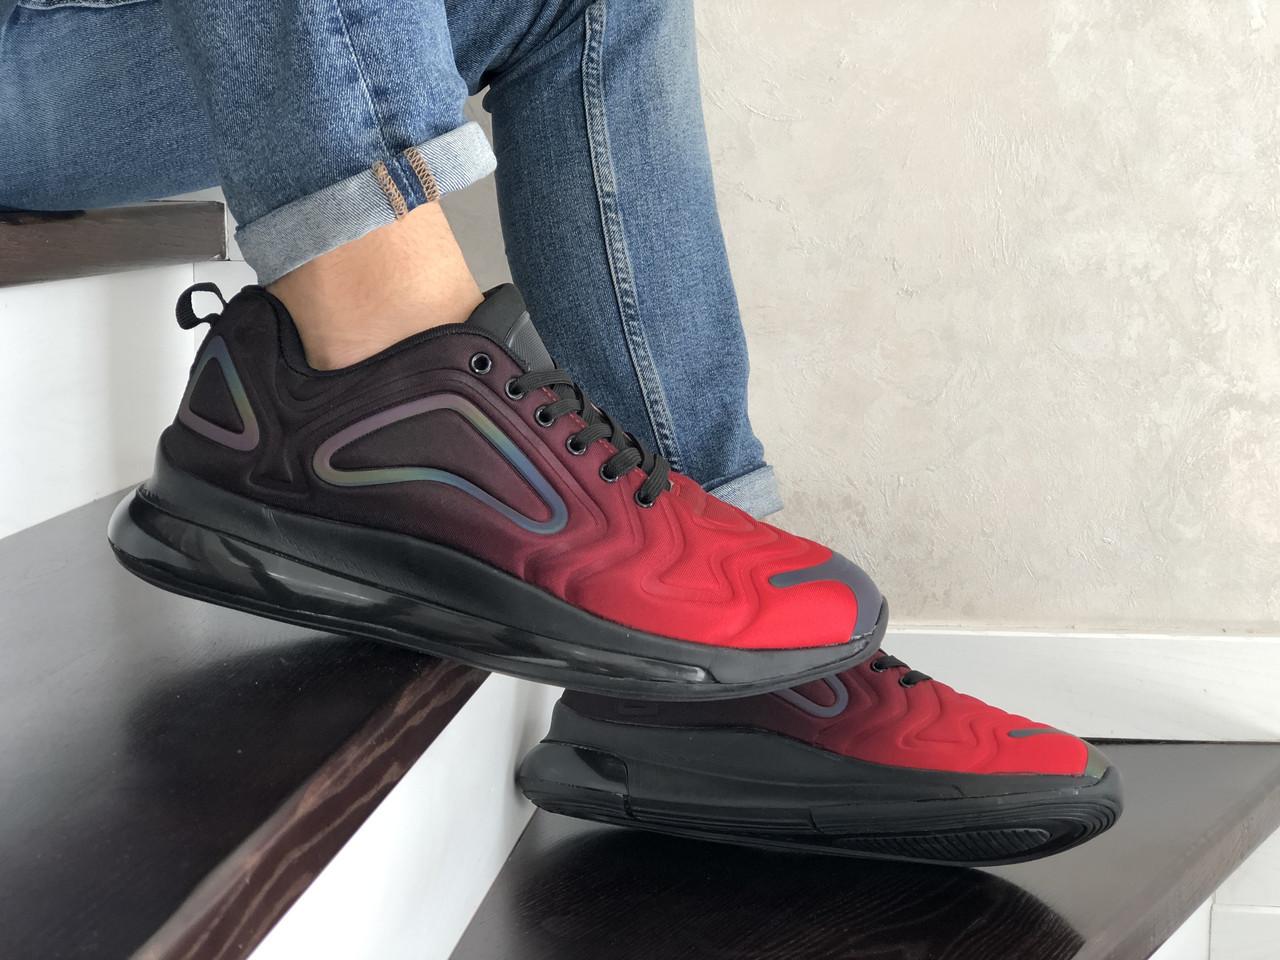 Повсякденні чоловічі кросівки,Max,великі розміри,чорні з червоним